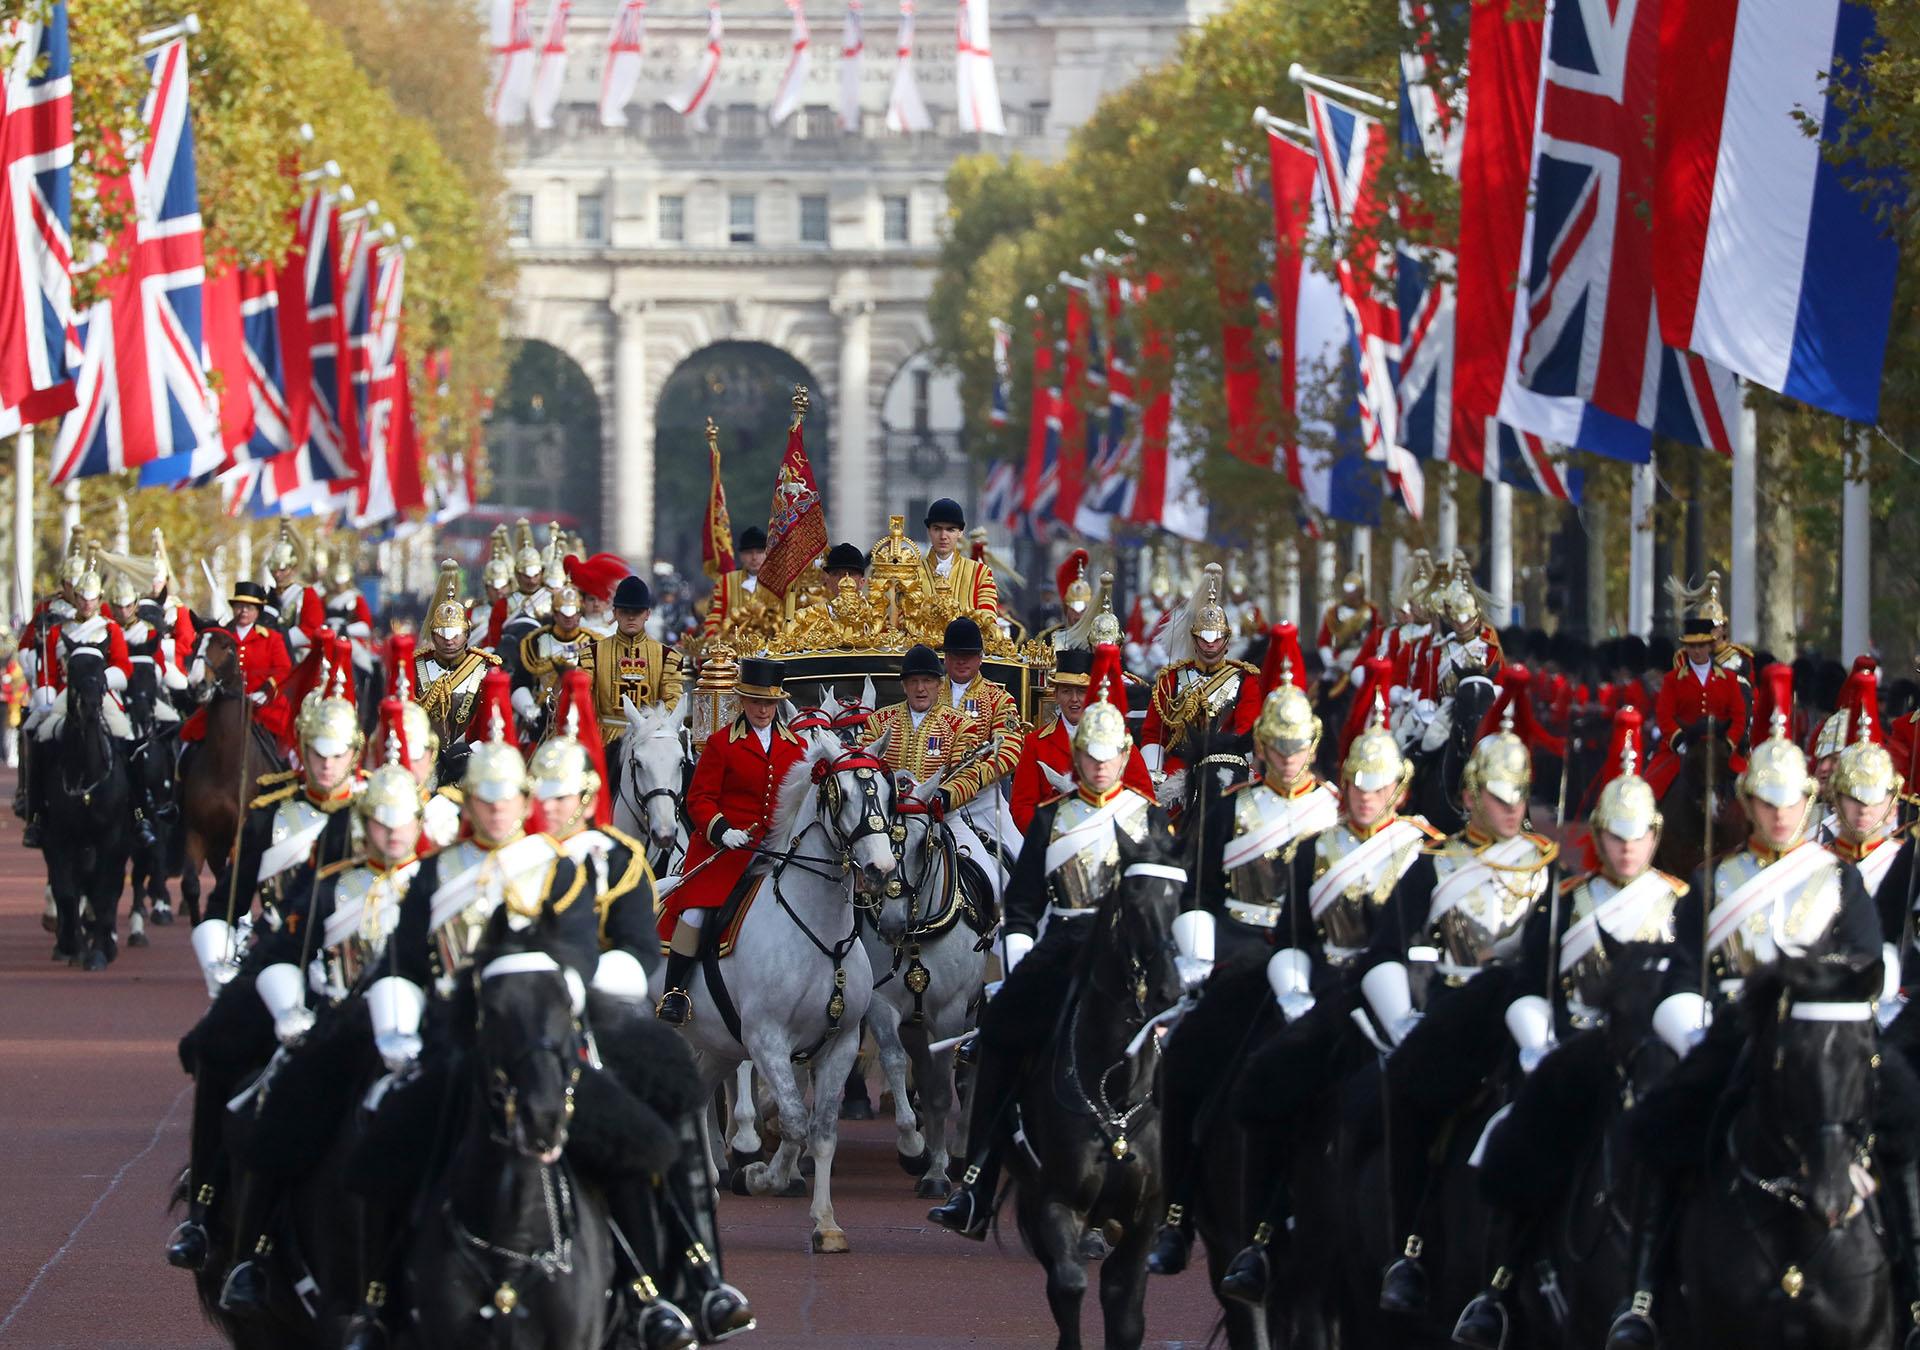 Es la primera visita de Estado de la monarquía holandesa al Reino Unido durante 36 años. Máxima y Guillermo estarán dos días en Londres.